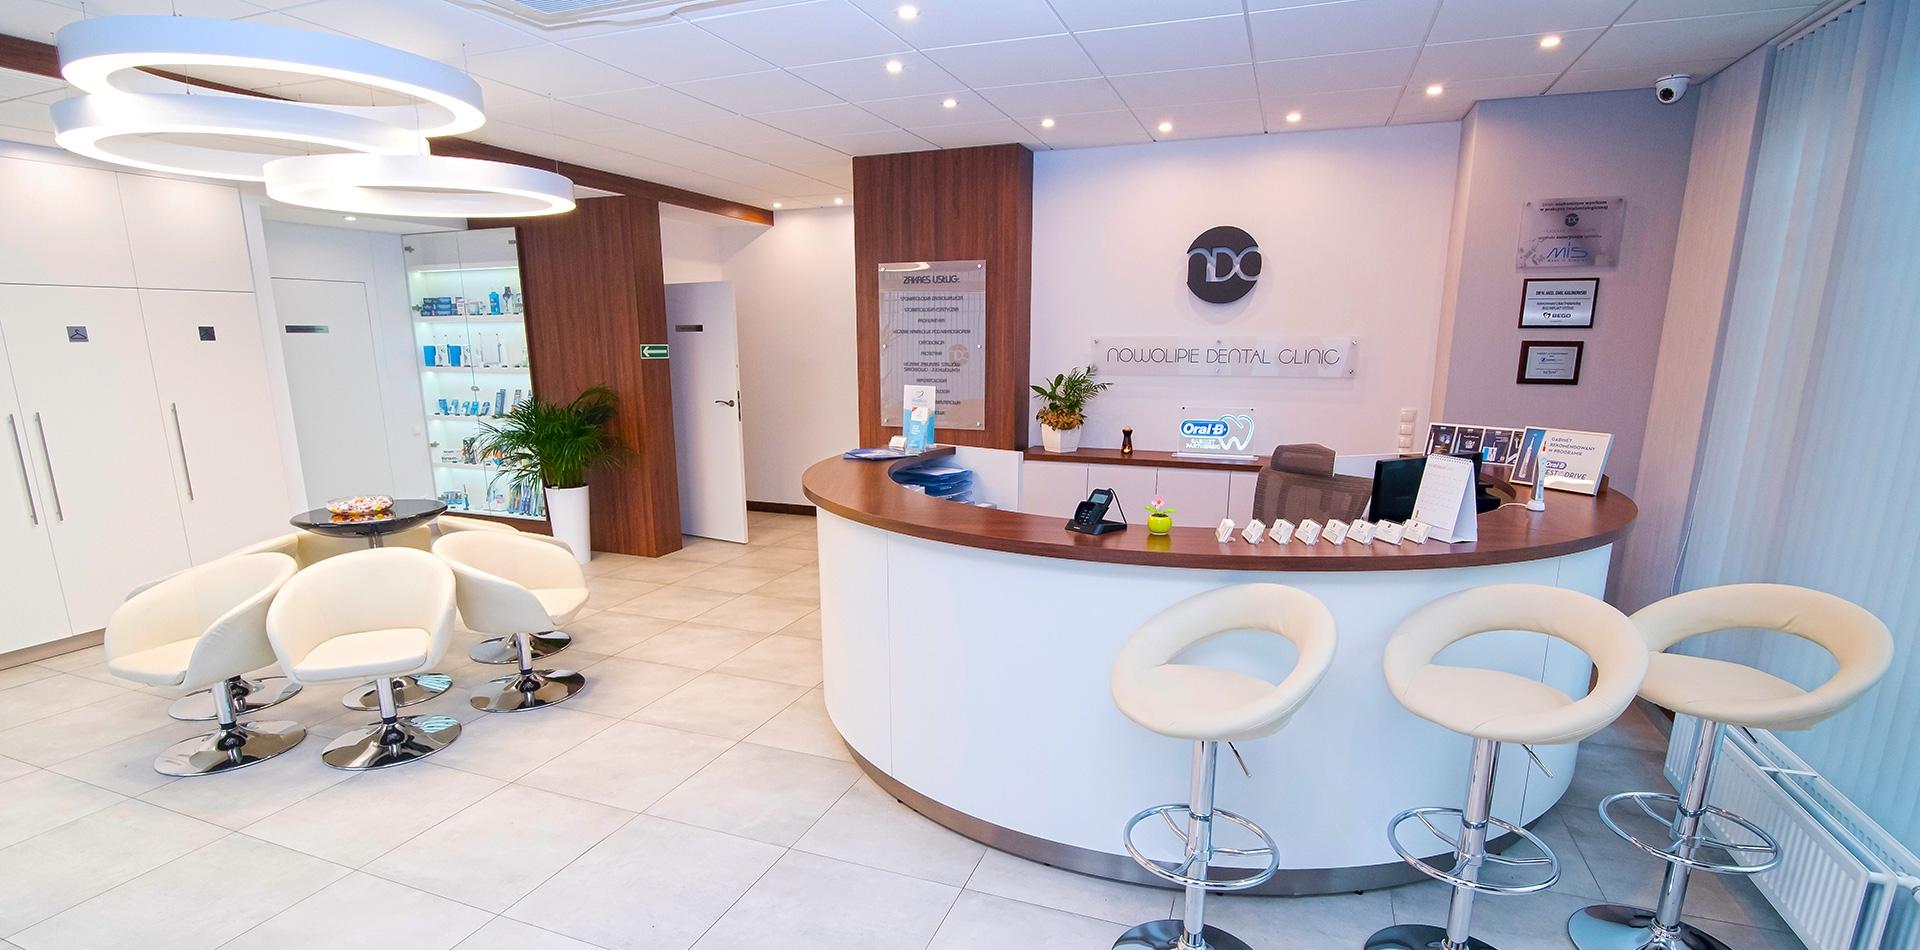 Nowolipie Dental Clinic - Recepcja